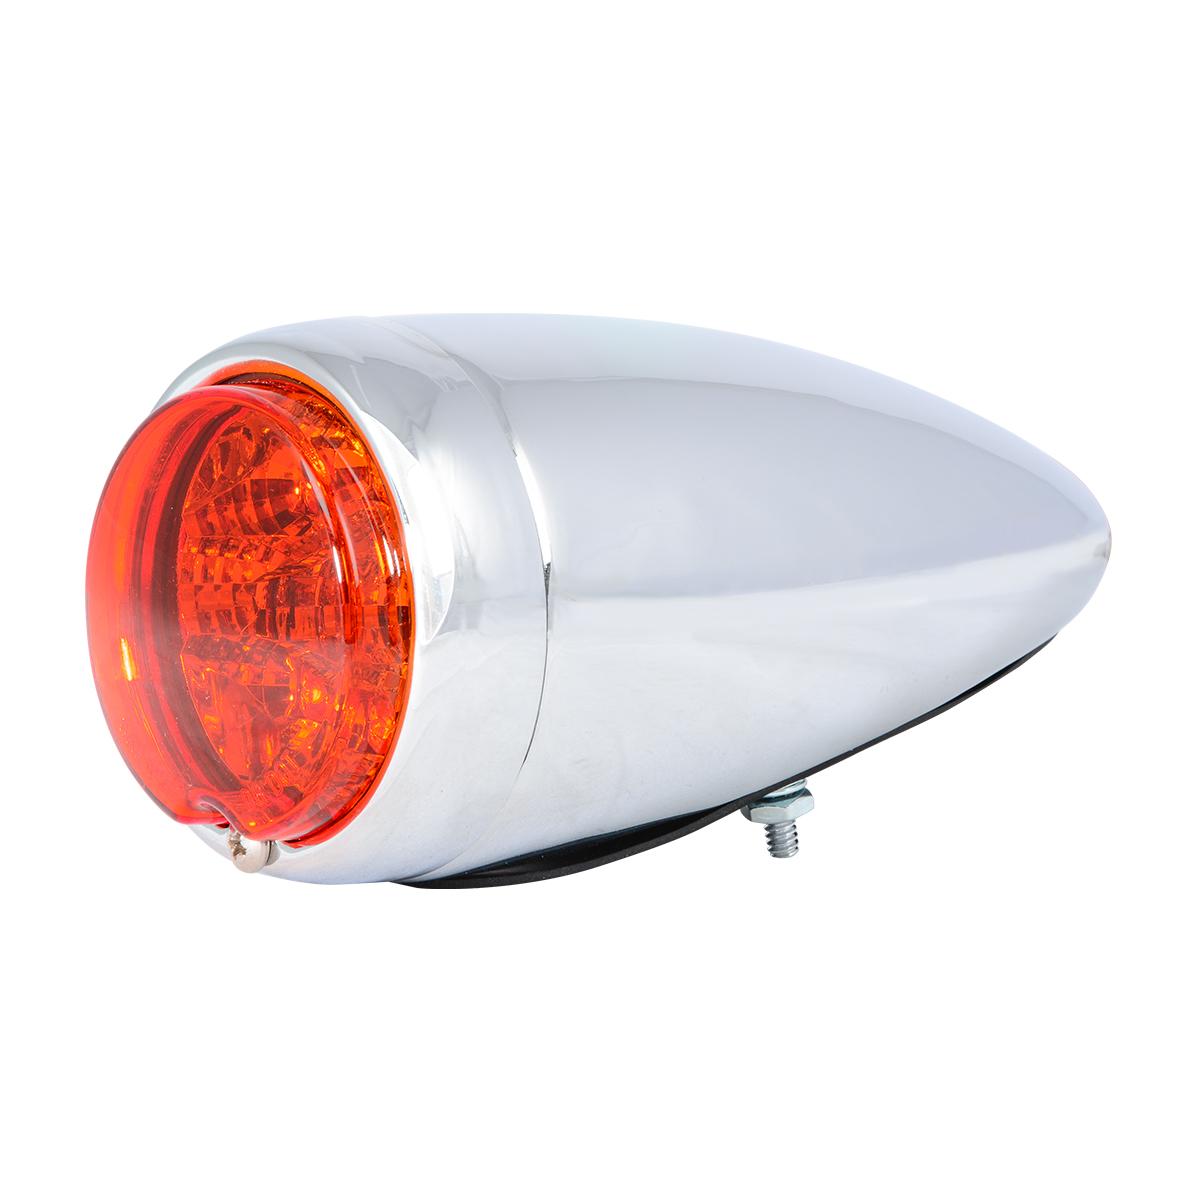 77212 Chrome Steel Bullet Spyder LED Turn/Marker Light